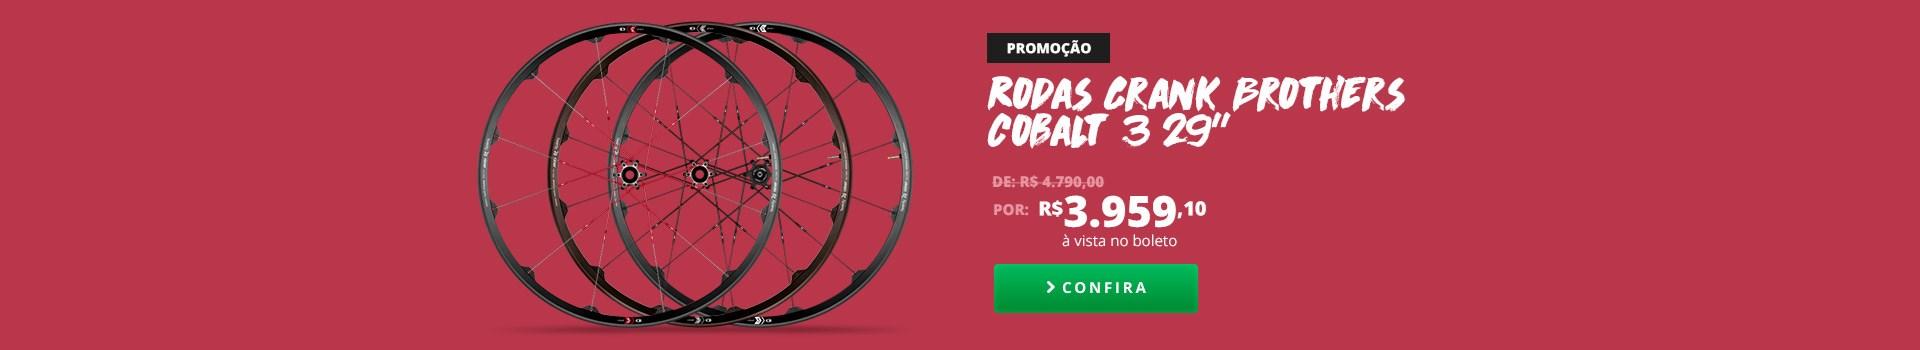 """PROMOÇÃO Rodas Crank Brothers Cobalt 3 29"""""""